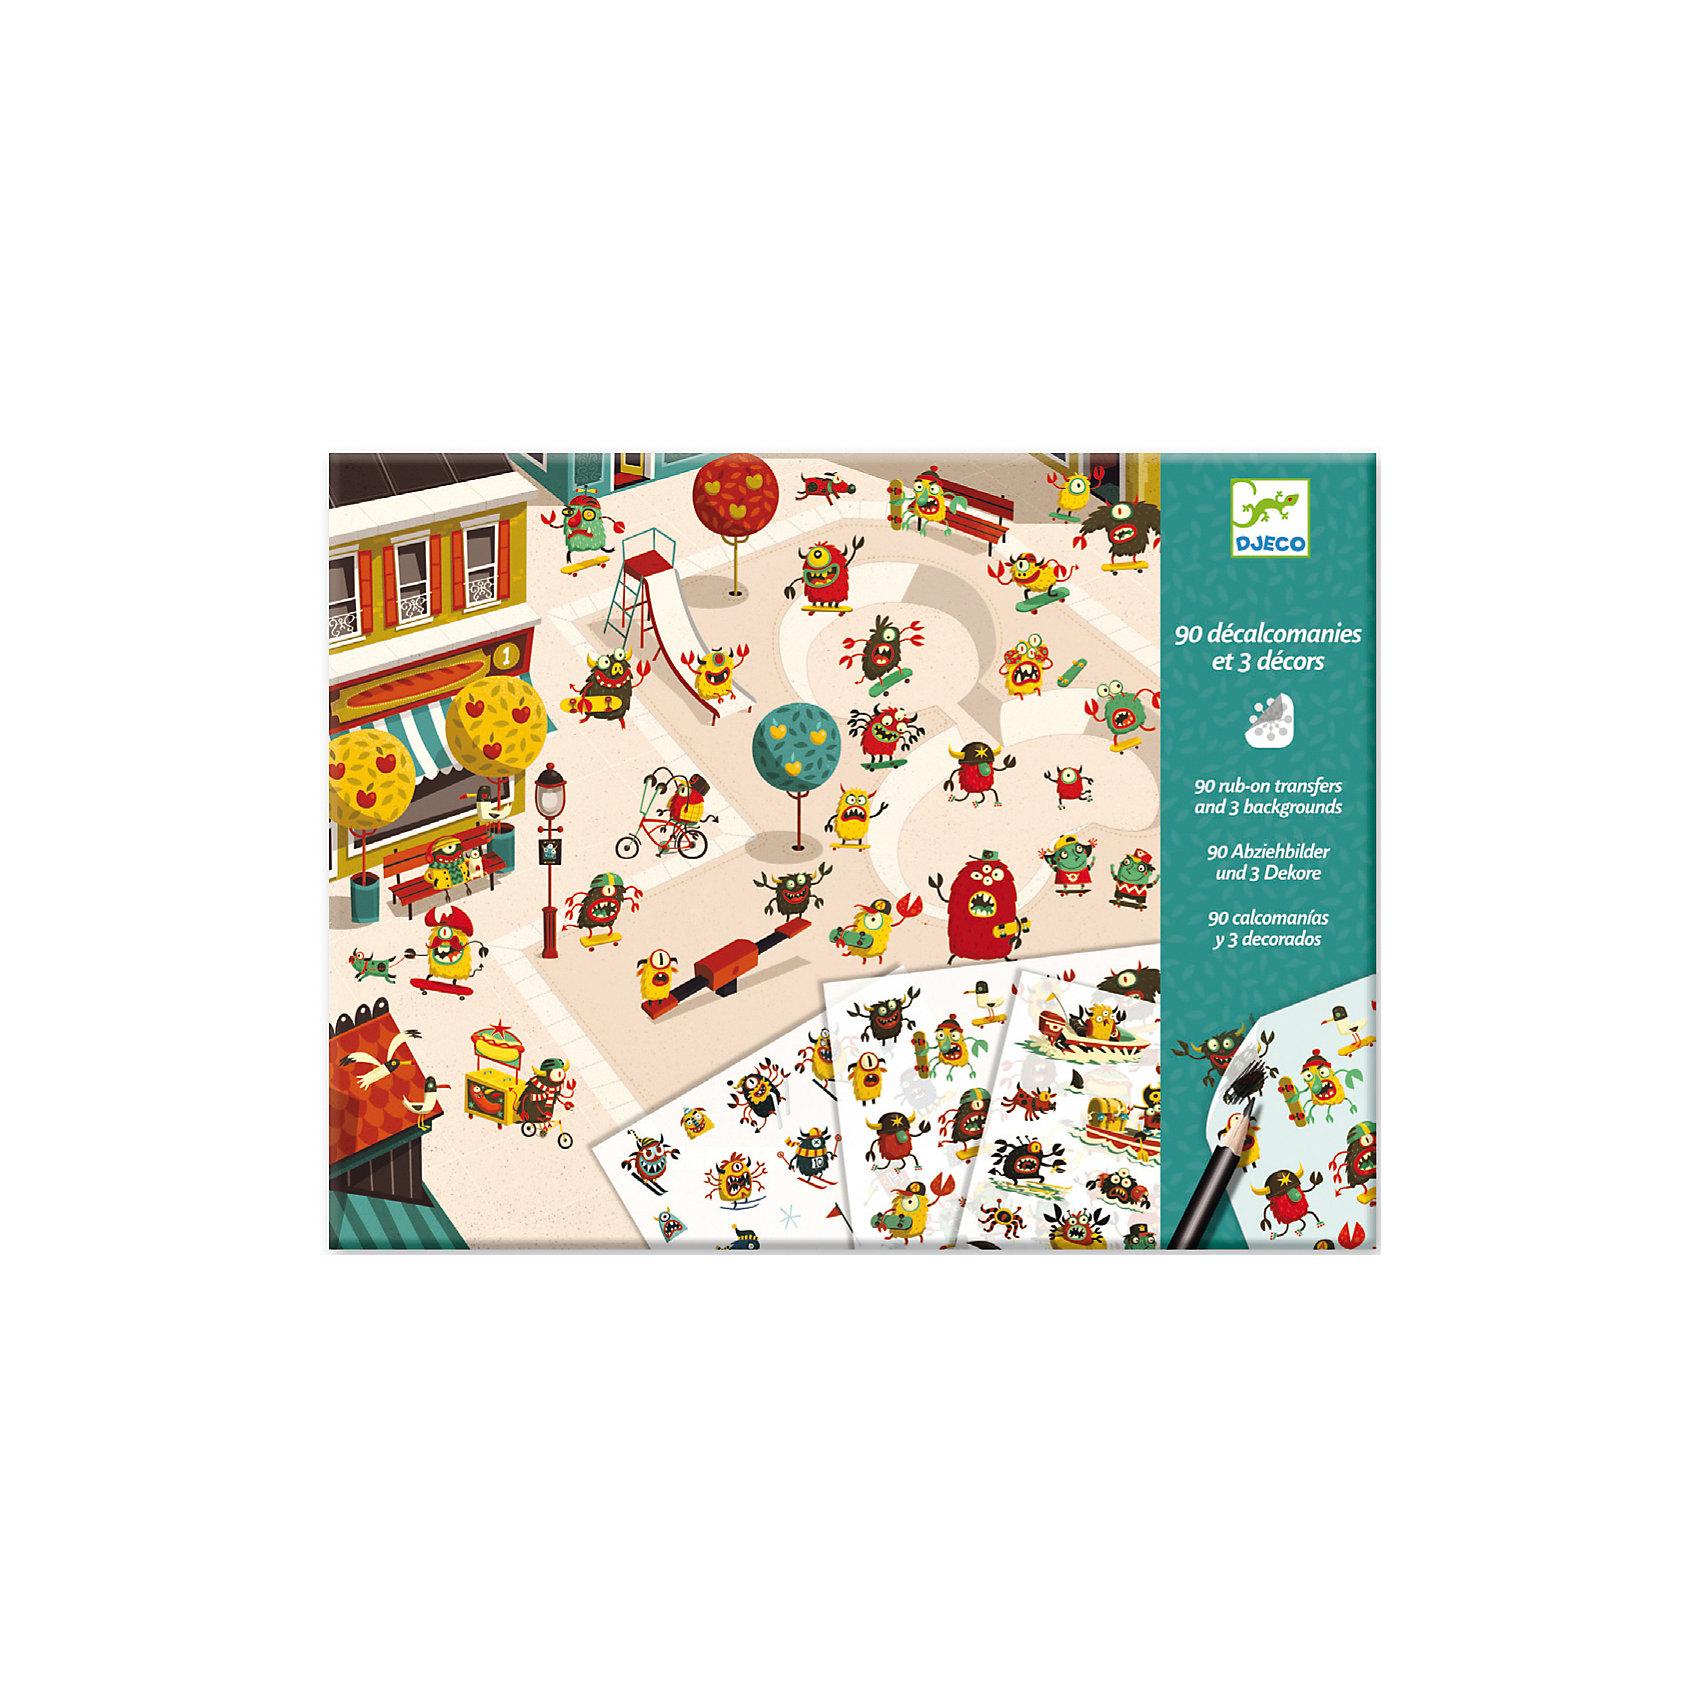 Набор с переводными наклейками Рай монстровНаборы для раскрашивания<br>Необычные наборы для детского творчества с наклейками от французского производителя Djeco (Джеко) - прекрасный подарок для каждого творческого ребенка! <br>В наборе Рай монстров ребенок найдет 3 ярких картинки, а также множество переводных наклеек с забавнымимонстриками. Наклейки легко переносятся с бумажной основы, достаточно лишь приложить картинку на картинку и потереть обратным концом карандаша, шариковой ручки или монеткой. Таким образом, дети могут создавать собственные истории и придумывать различные сюжеты в ходе игры. В наборе:  3 картинки размером 21 х 29,7 см, 2 листа с 90 переводными картинками размером 20 х 13 см, - подробная инструкция с примерами.<br><br>Набор с переводными наклейками Рай монстров можно купить в нашем магазине.<br><br>Ширина мм: 10<br>Глубина мм: 320<br>Высота мм: 240<br>Вес г: 160<br>Возраст от месяцев: 48<br>Возраст до месяцев: 96<br>Пол: Унисекс<br>Возраст: Детский<br>SKU: 4783877